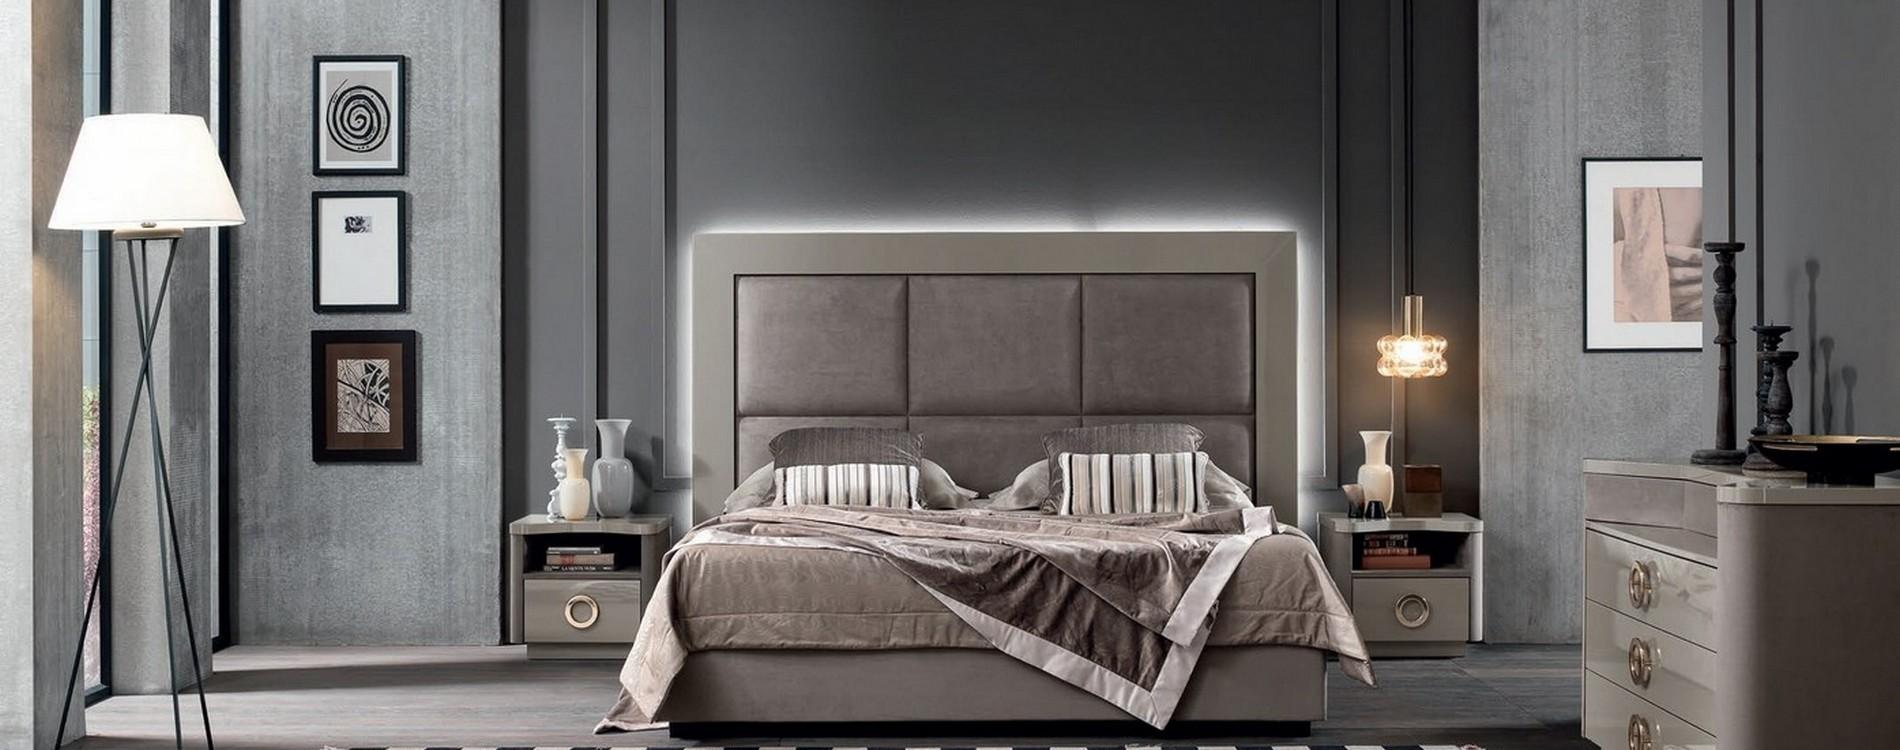 Mobilificio europa camere da letto letti comodini armadi - Lube camere da letto ...